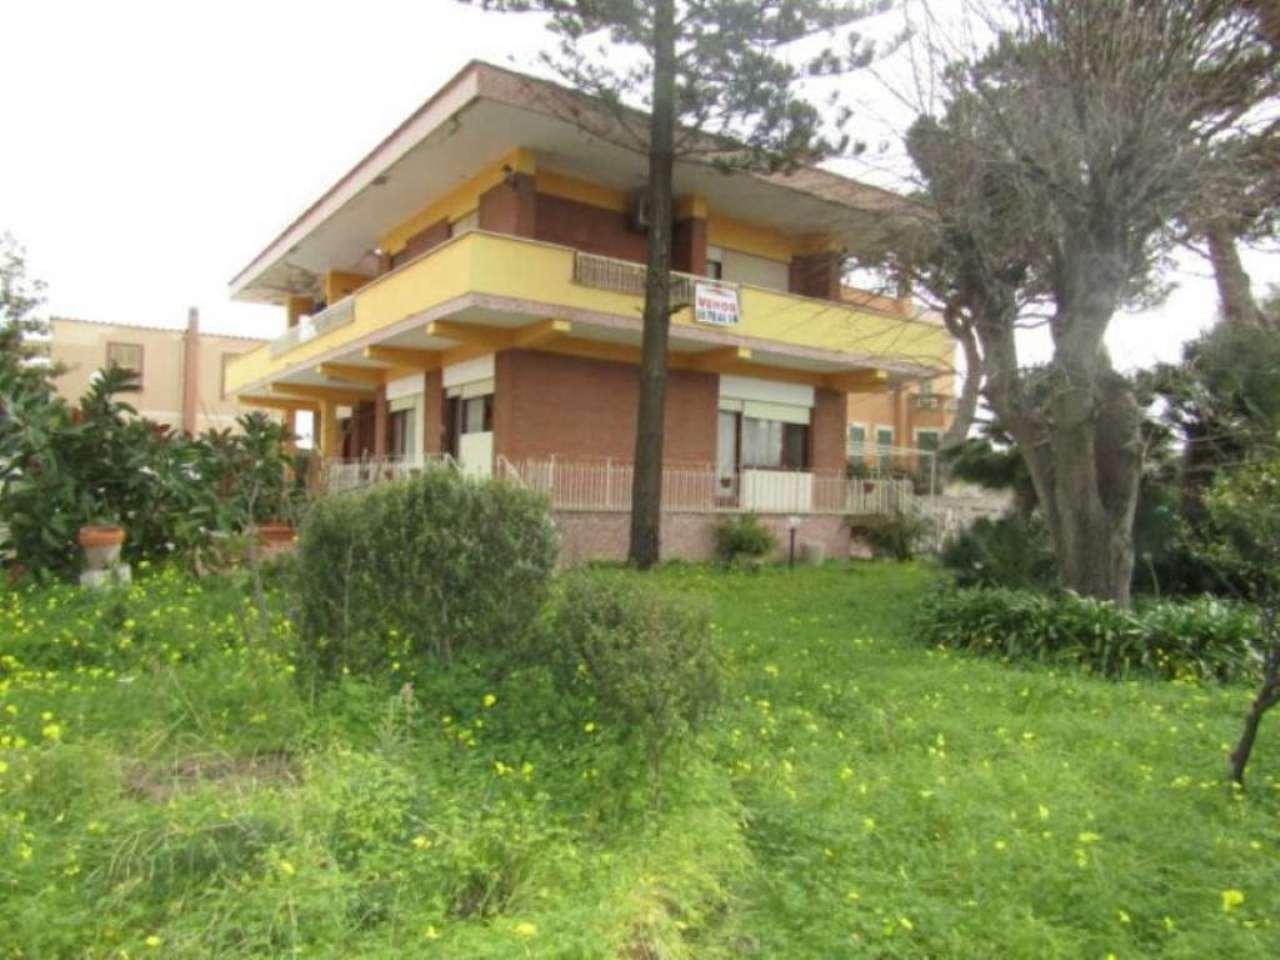 Villa in vendita a Santa Marinella, 15 locali, prezzo € 625.000 | Cambio Casa.it